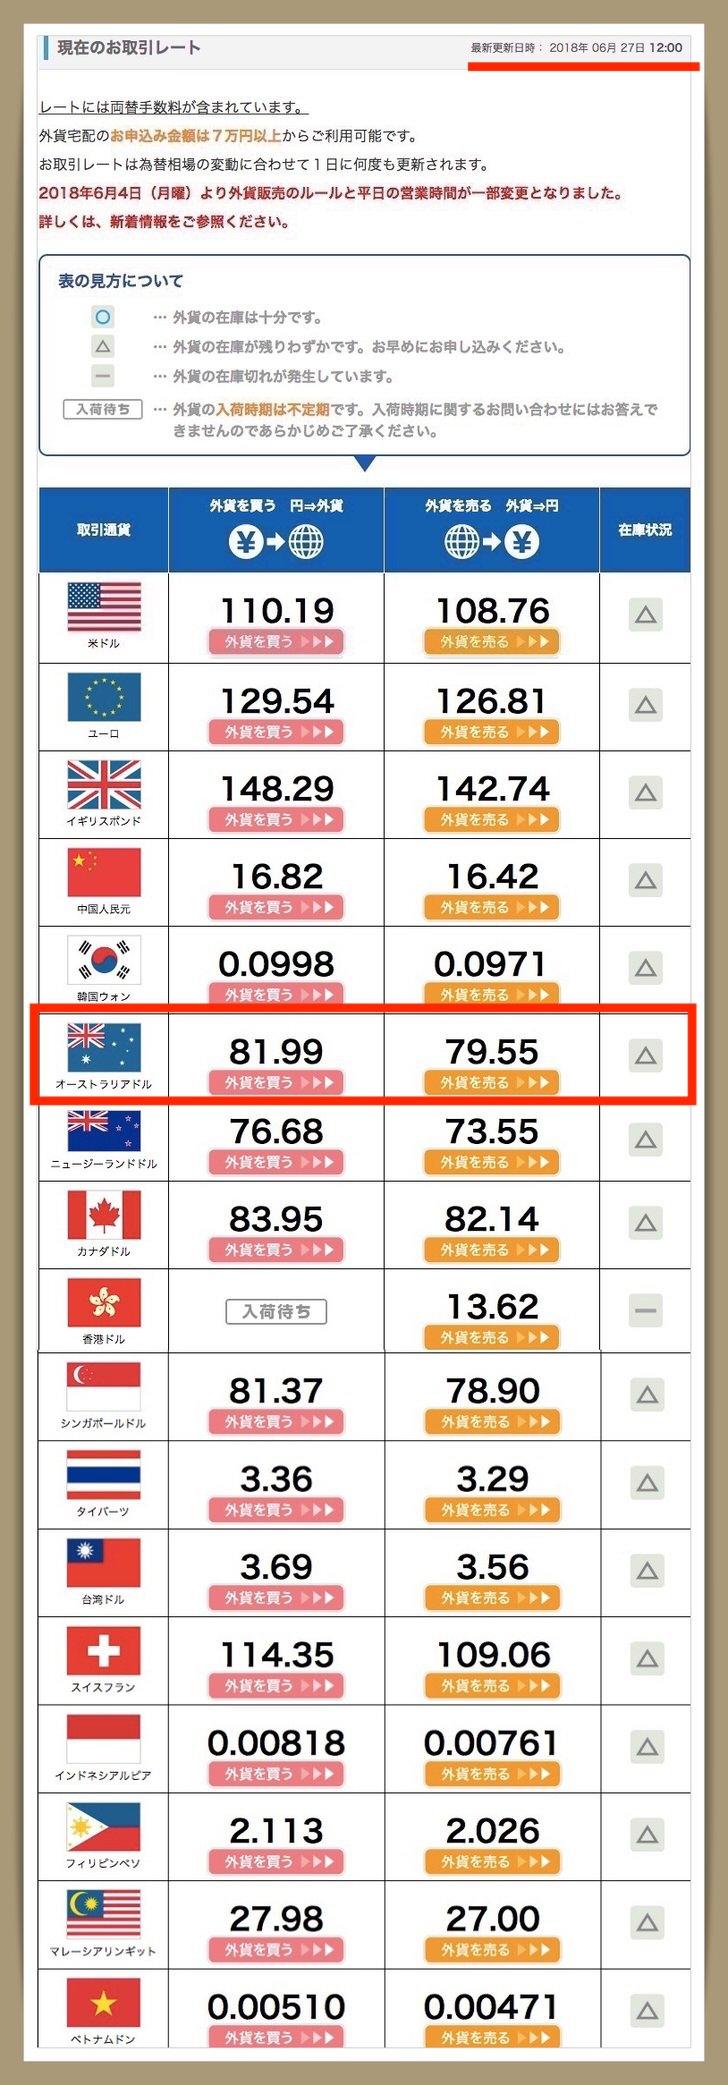 外貨両替 宅配 レート 比較